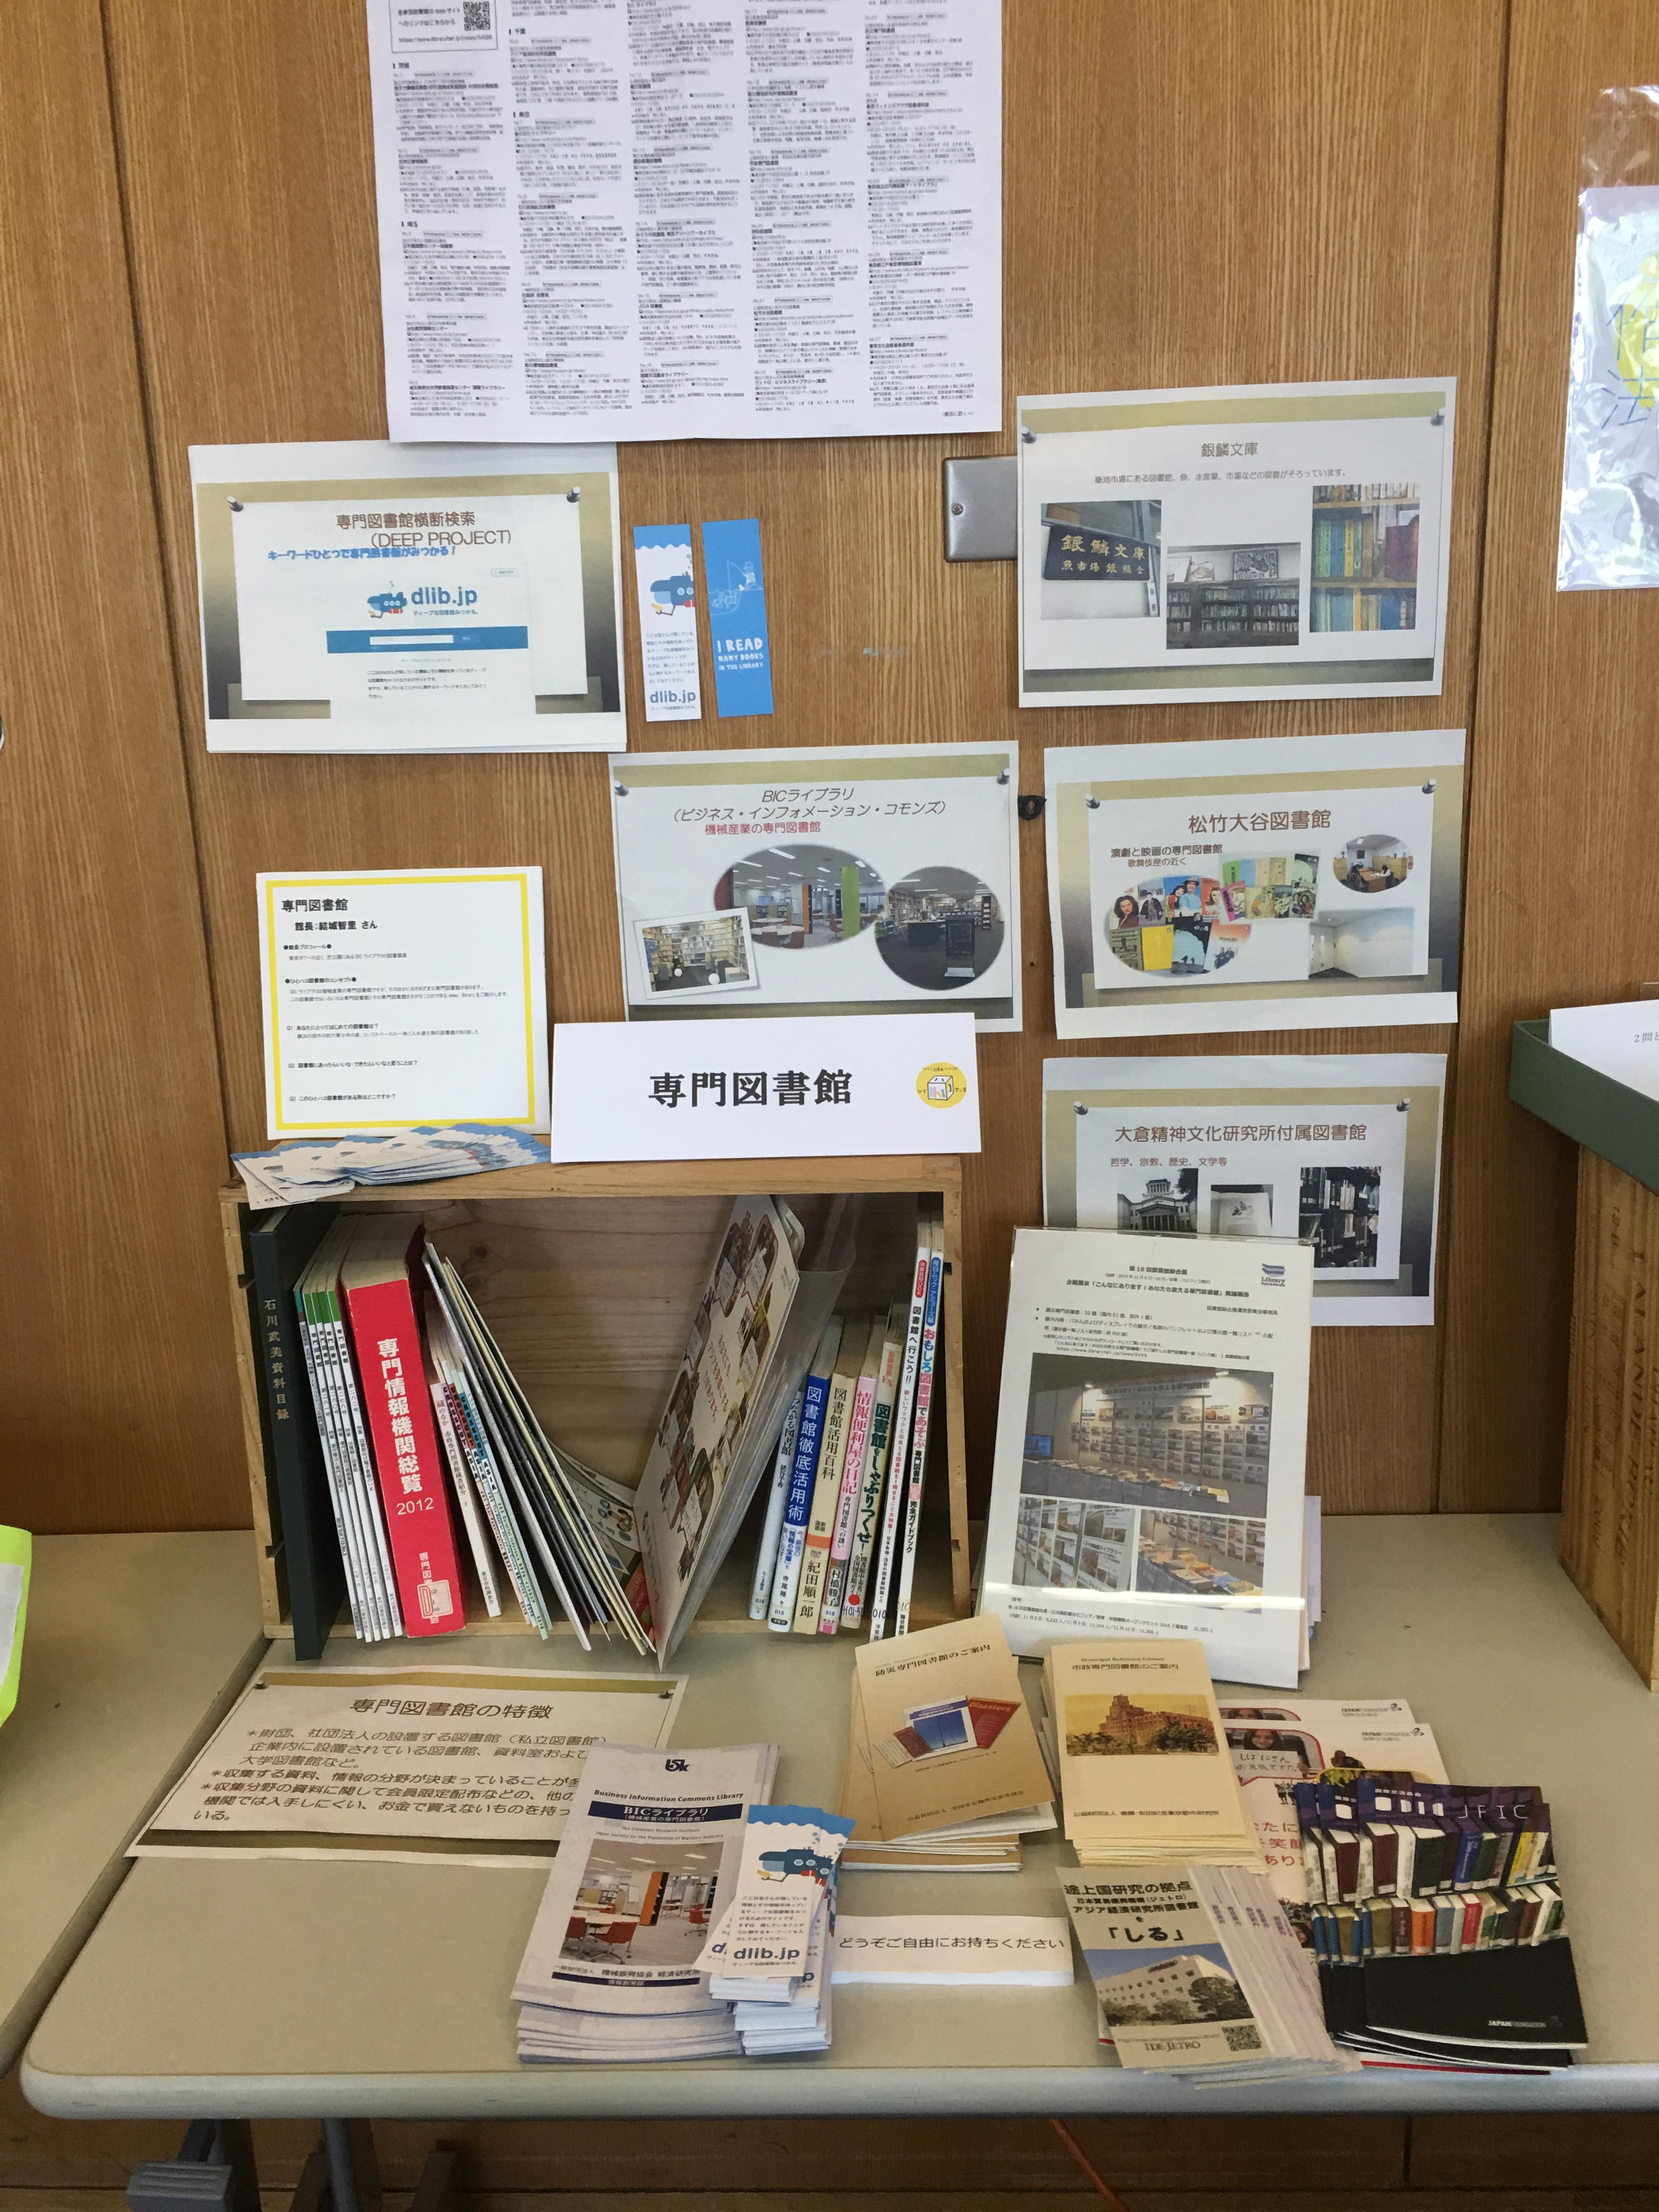 専門図書館に関する展示物